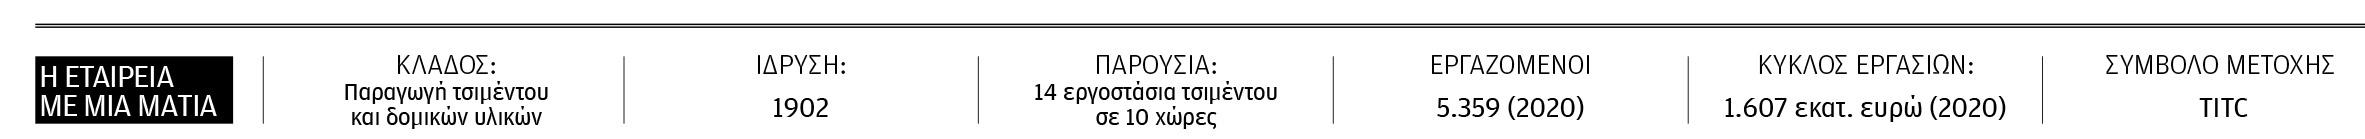 alexandra-papalexopoyloy-to-mellon-ftiachnetai-tora1